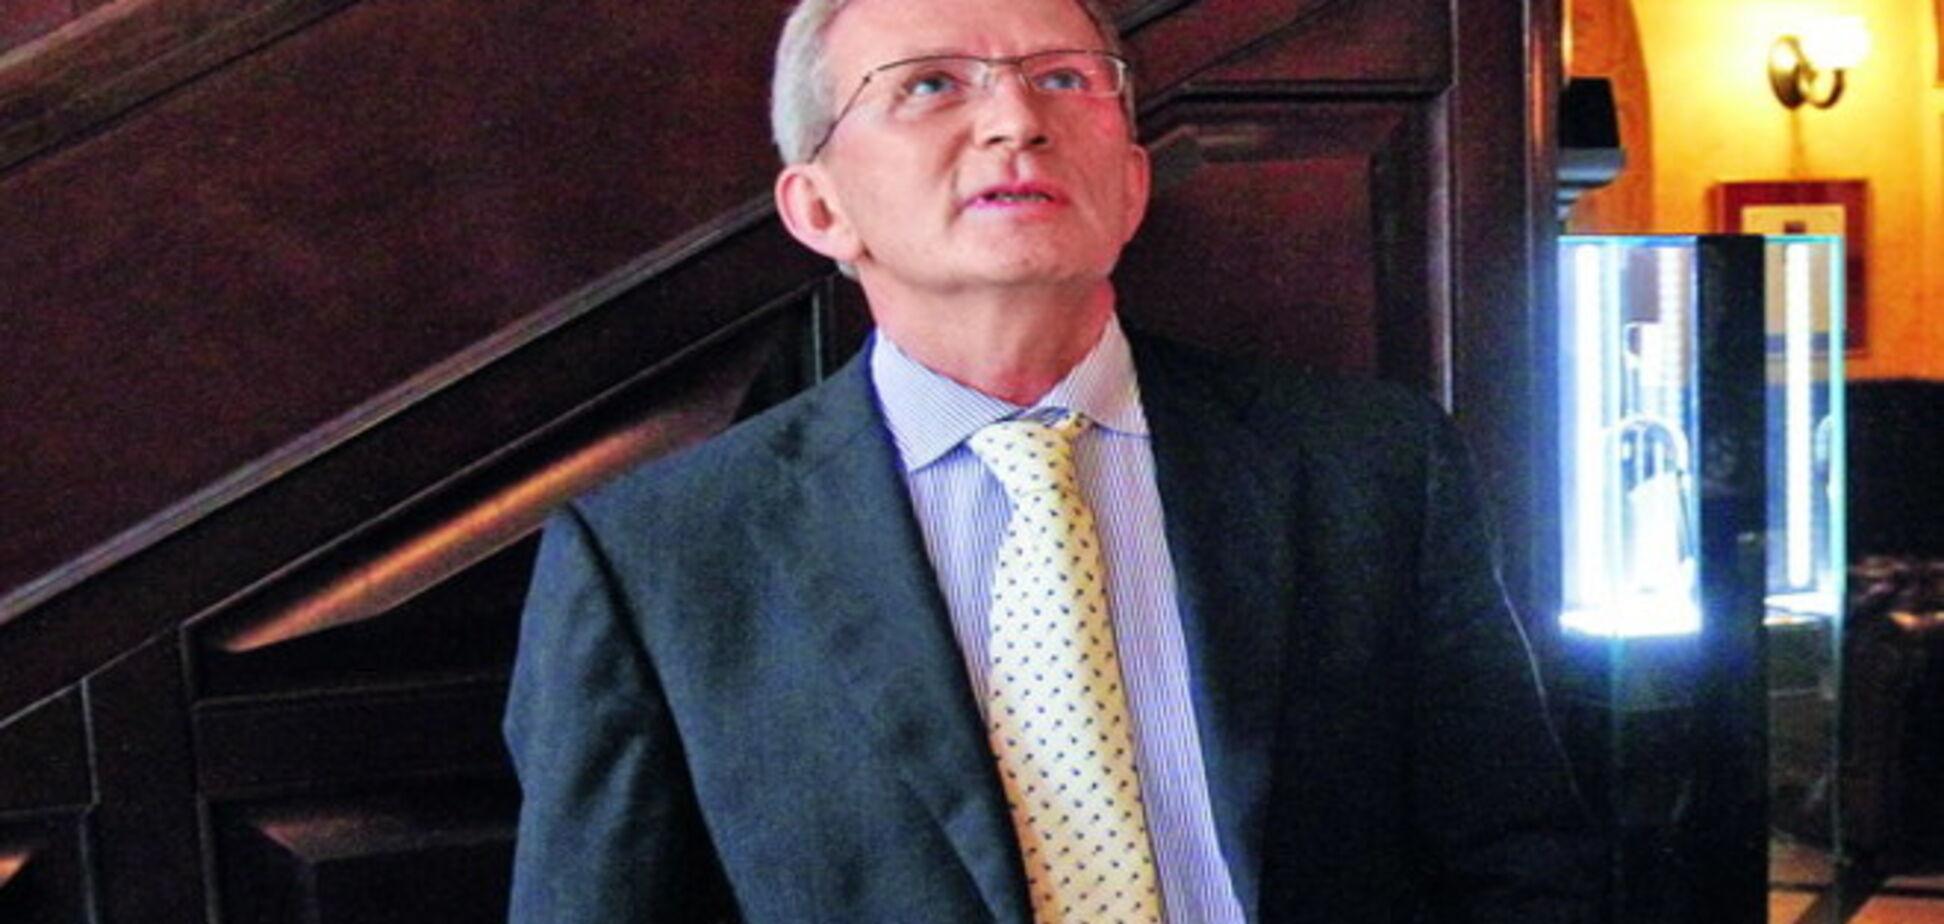 Топ-менеджер Курченко объявлен во всеукраинский розыск